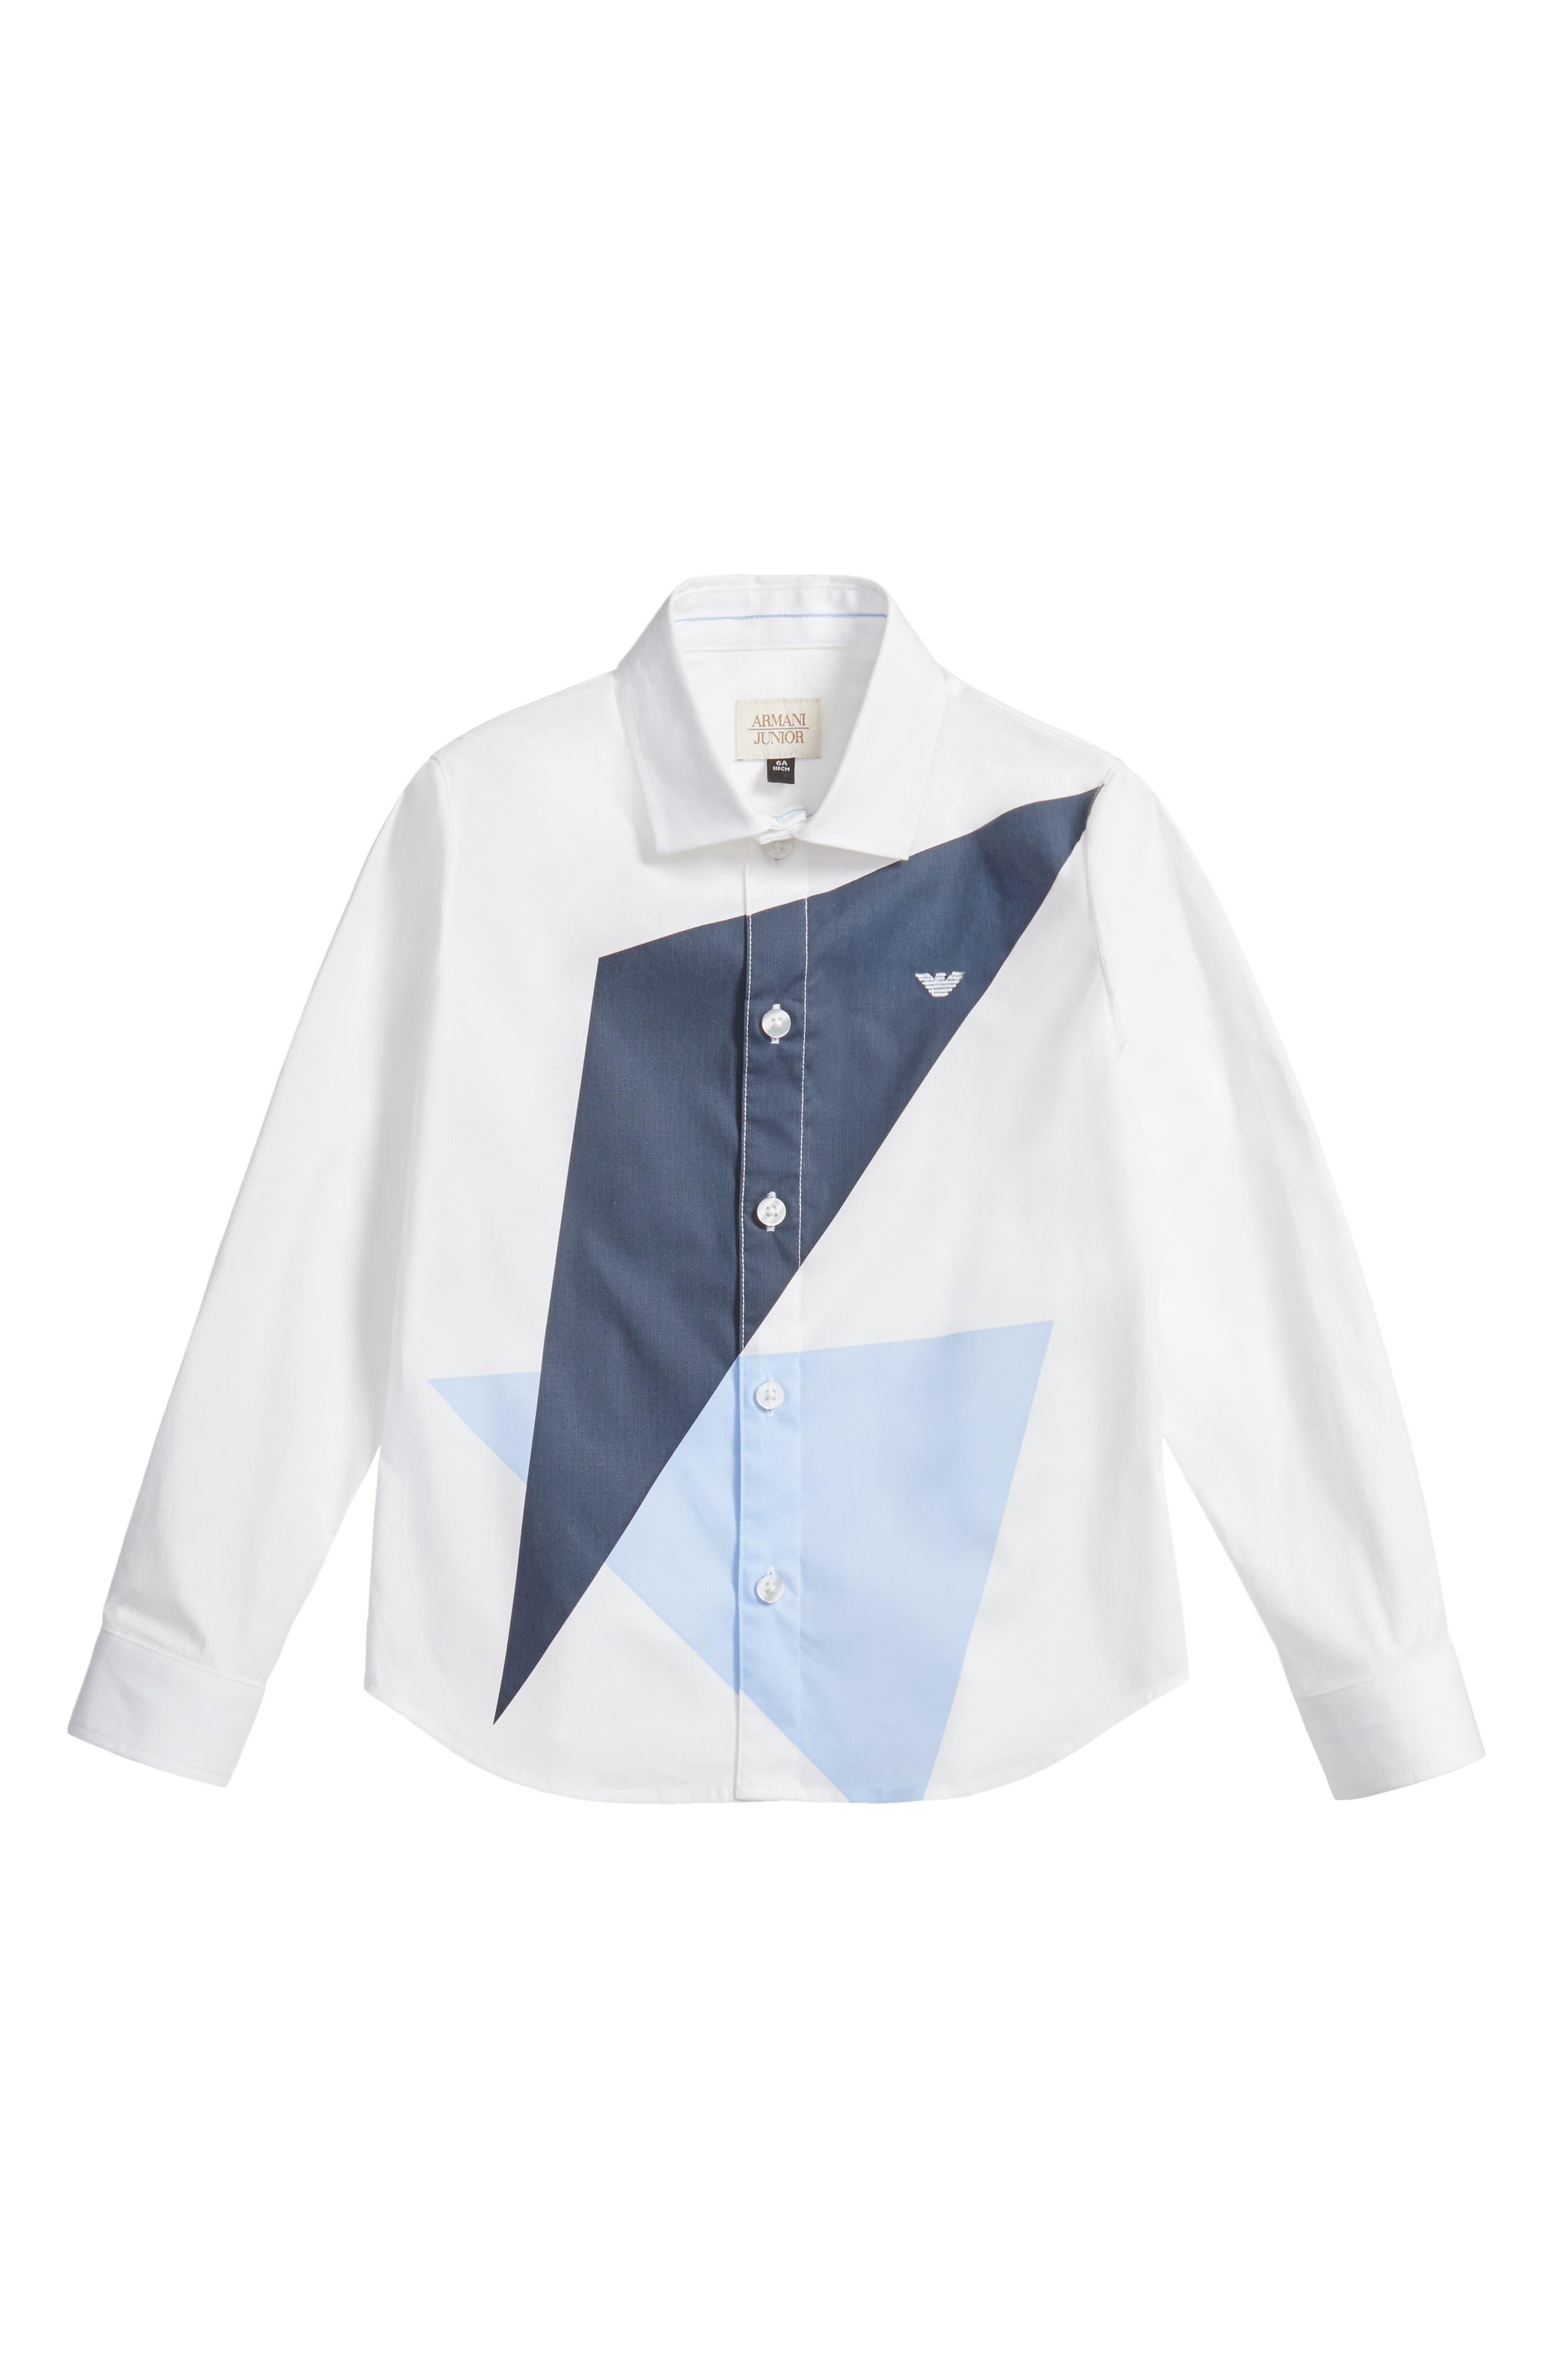 ARMANI JUNIOR Geo Print Dress Shirt